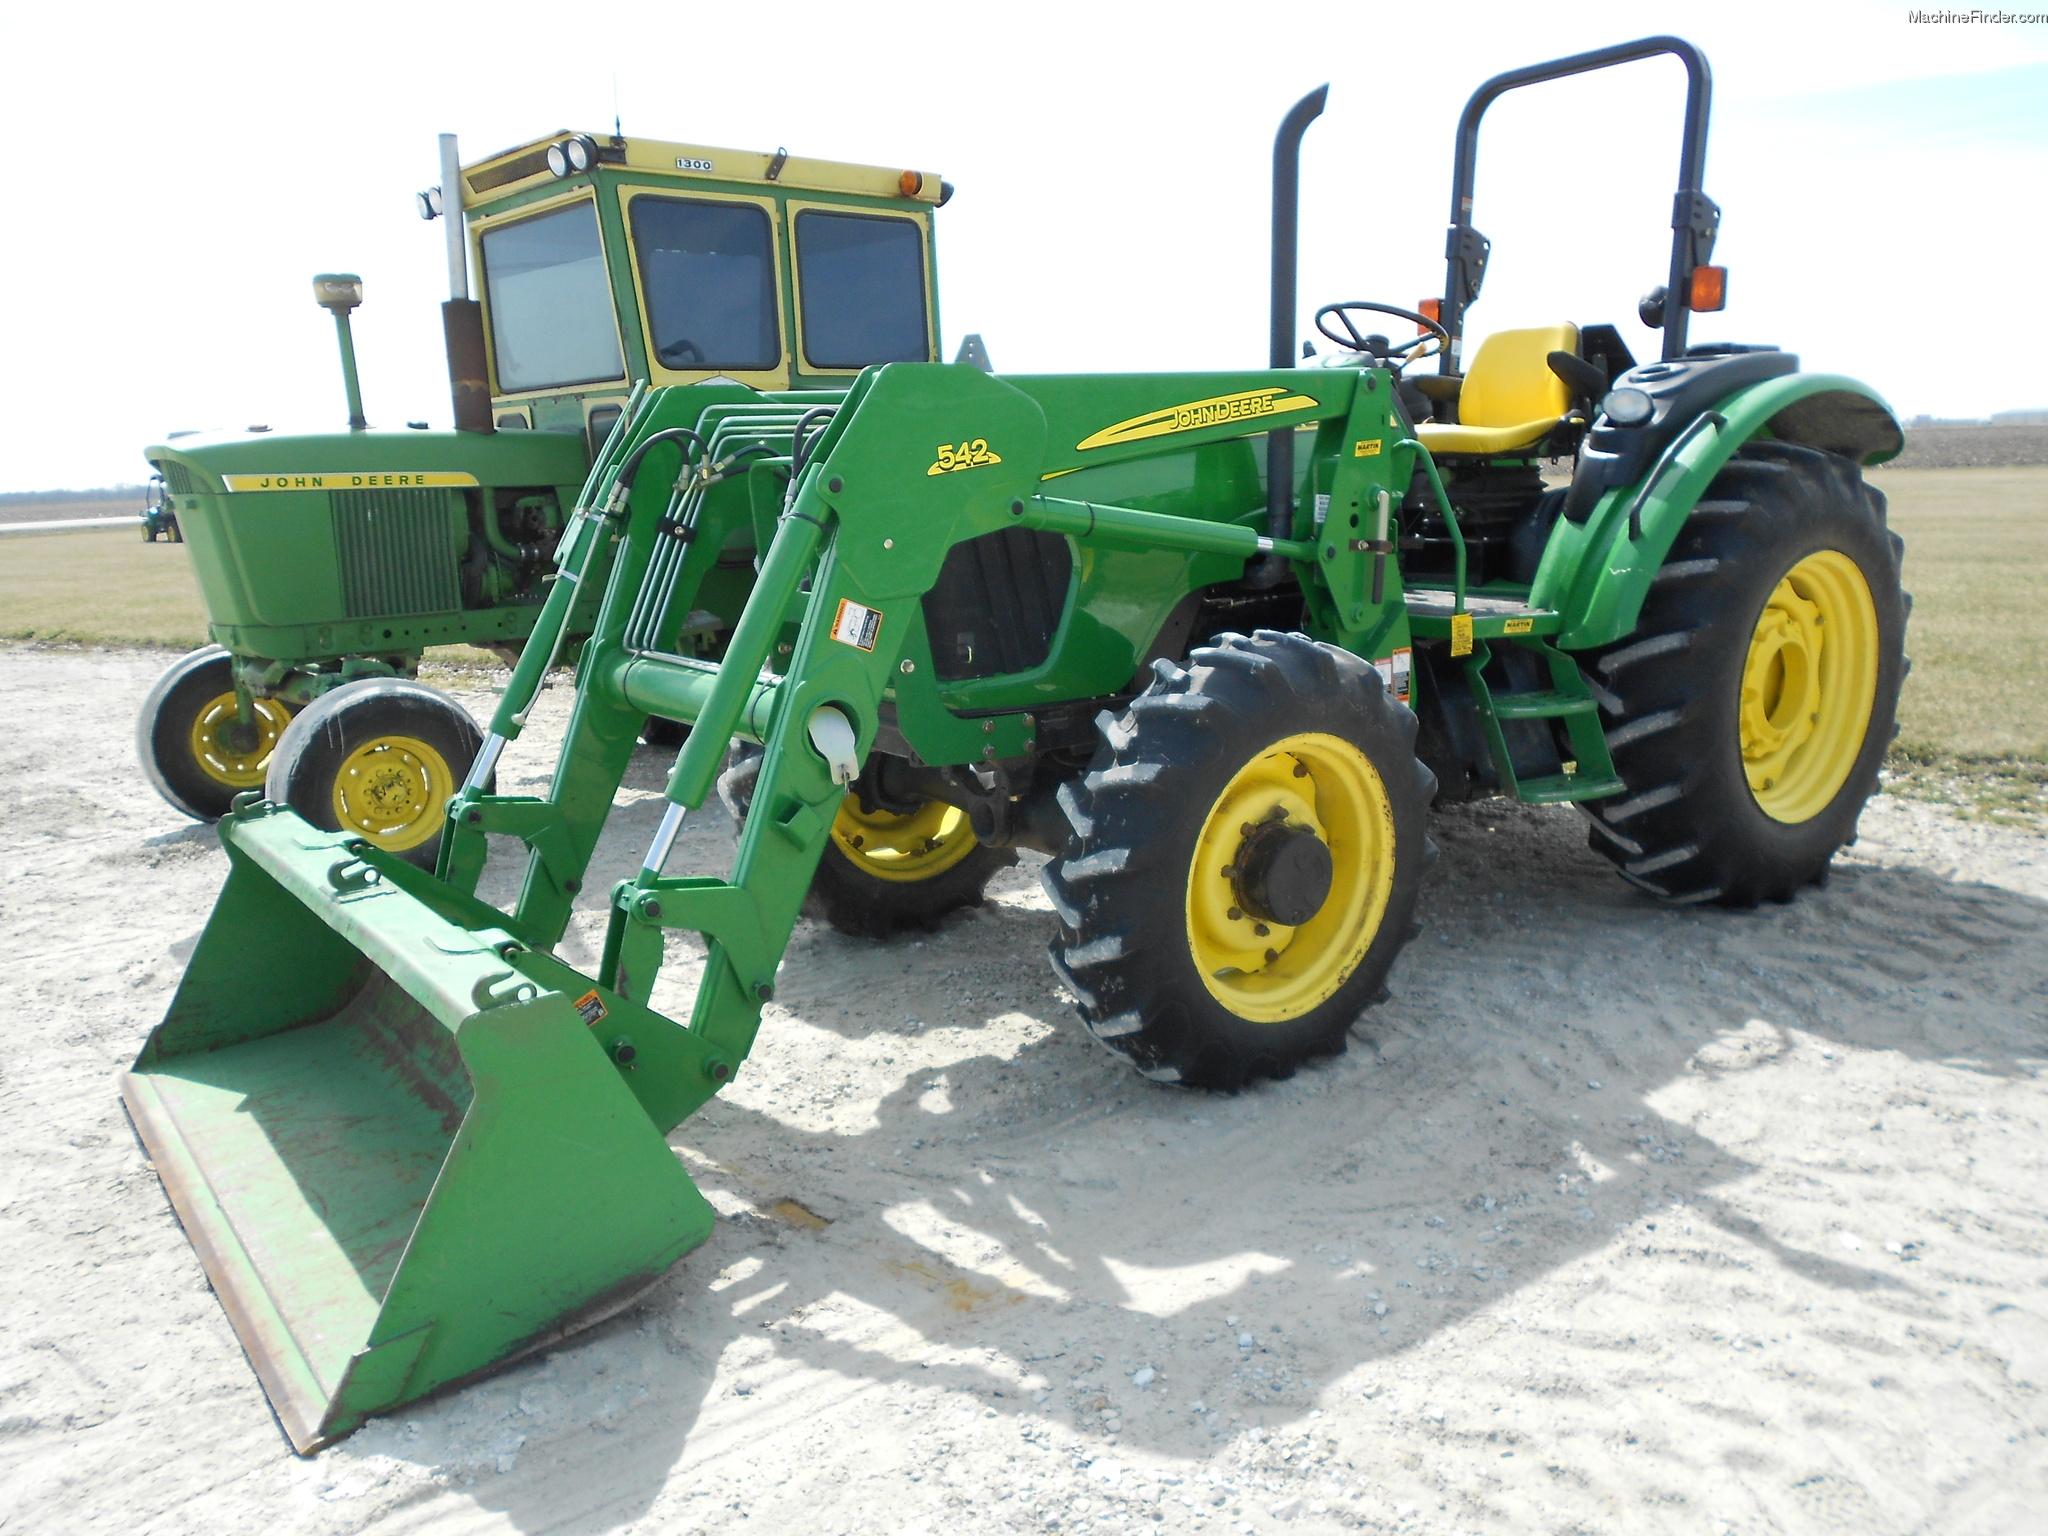 John Deere 5425 Parts. John Deere Tractors Tractor Parts Manuals. John Deere. John Deere 5425 Specs Diagram At Scoala.co